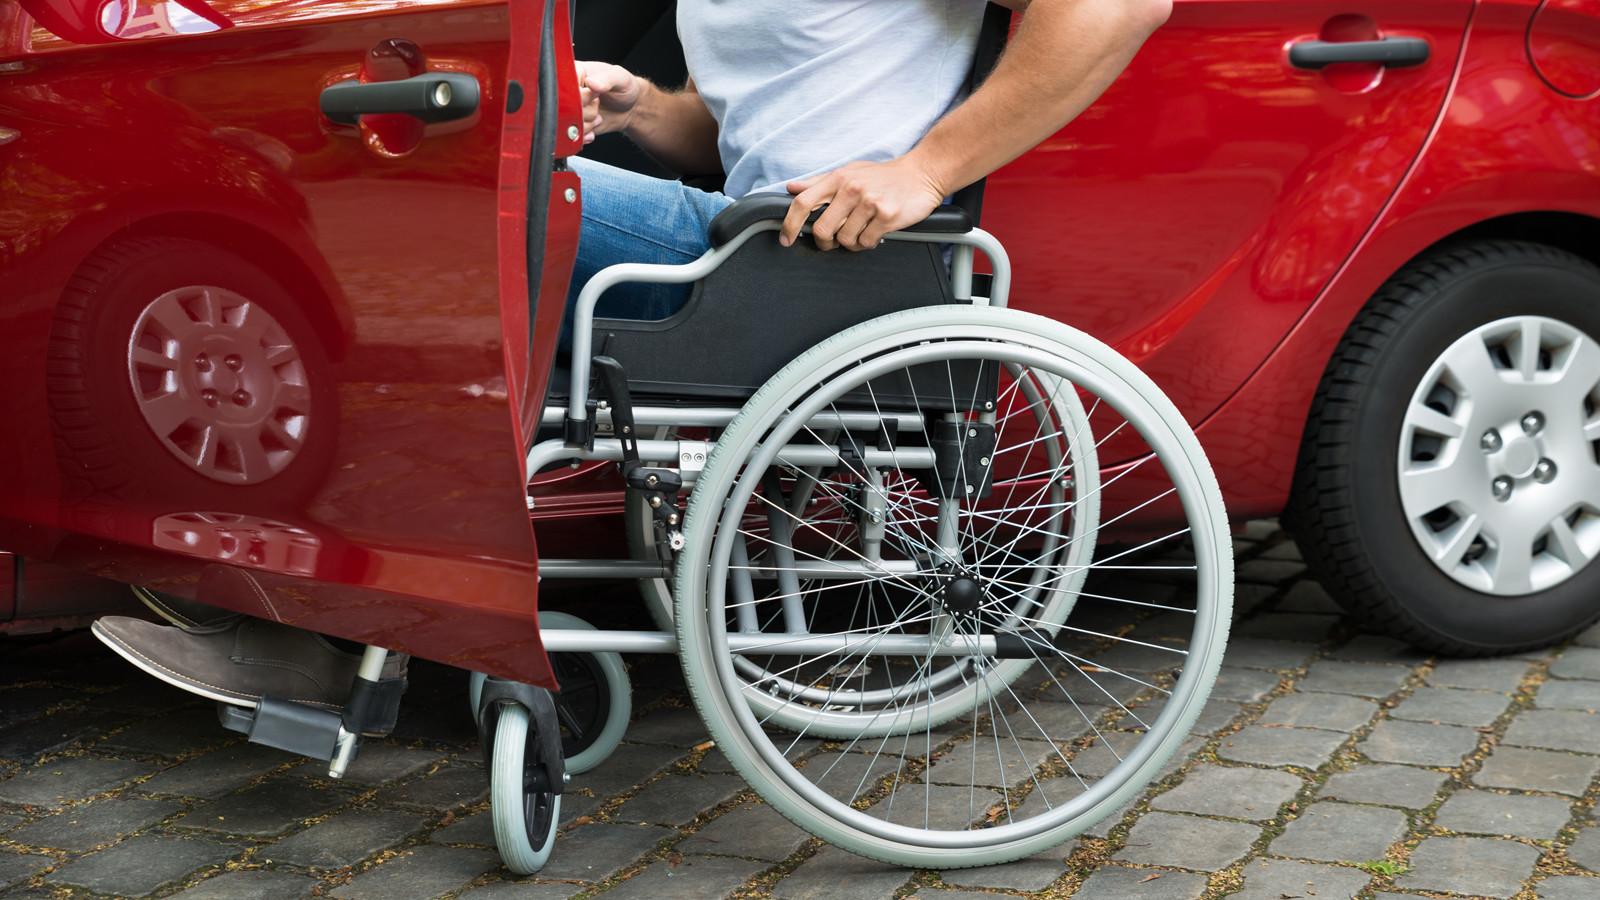 Штраф за парковку на месте для инвалидов 2020, какой штраф за парковку на месте для инвалидов